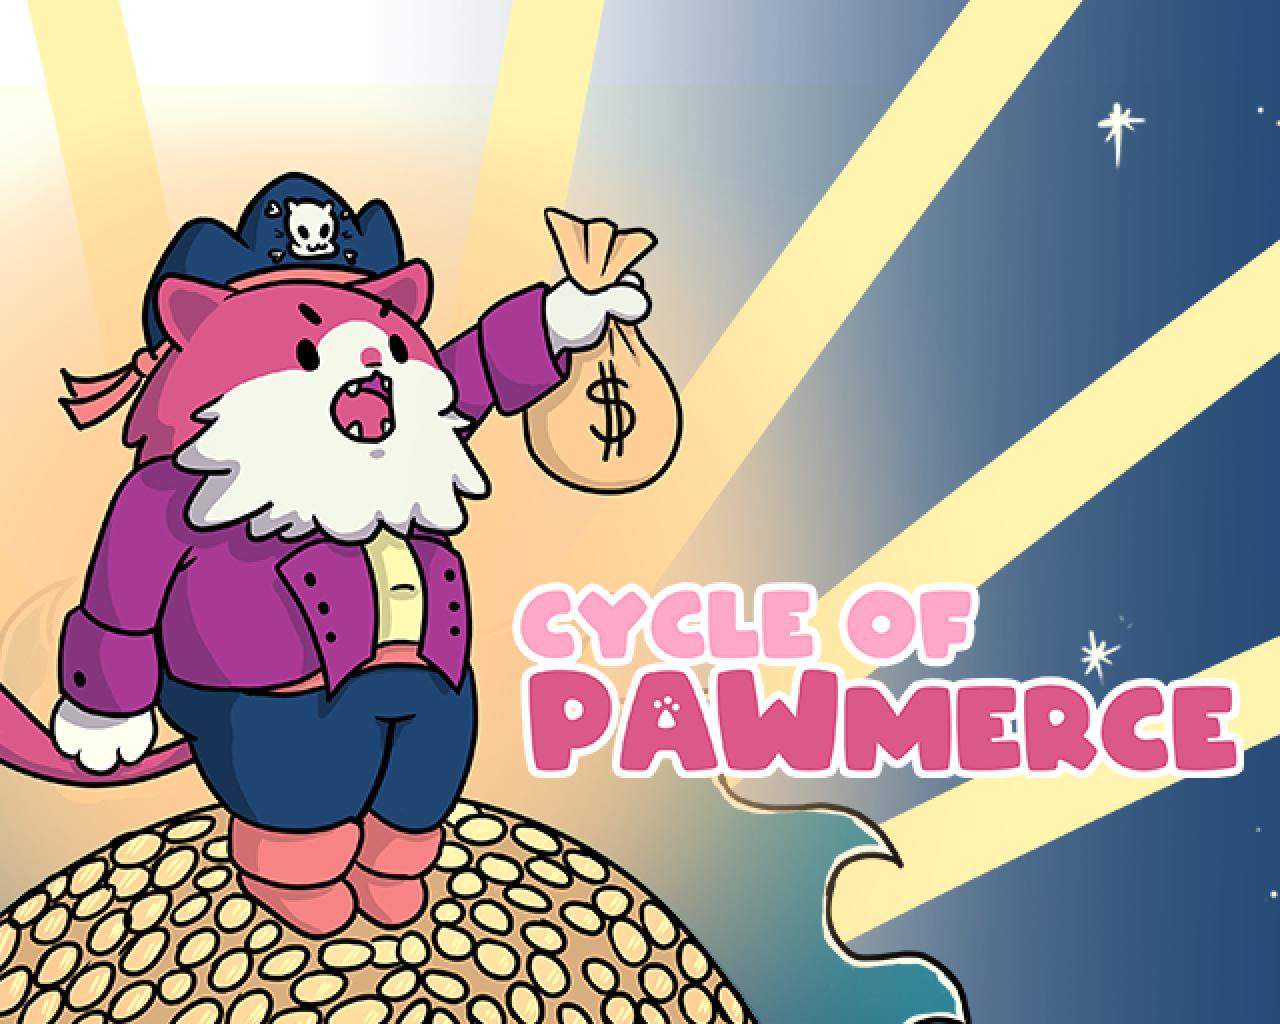 Cycle of Pawmerce